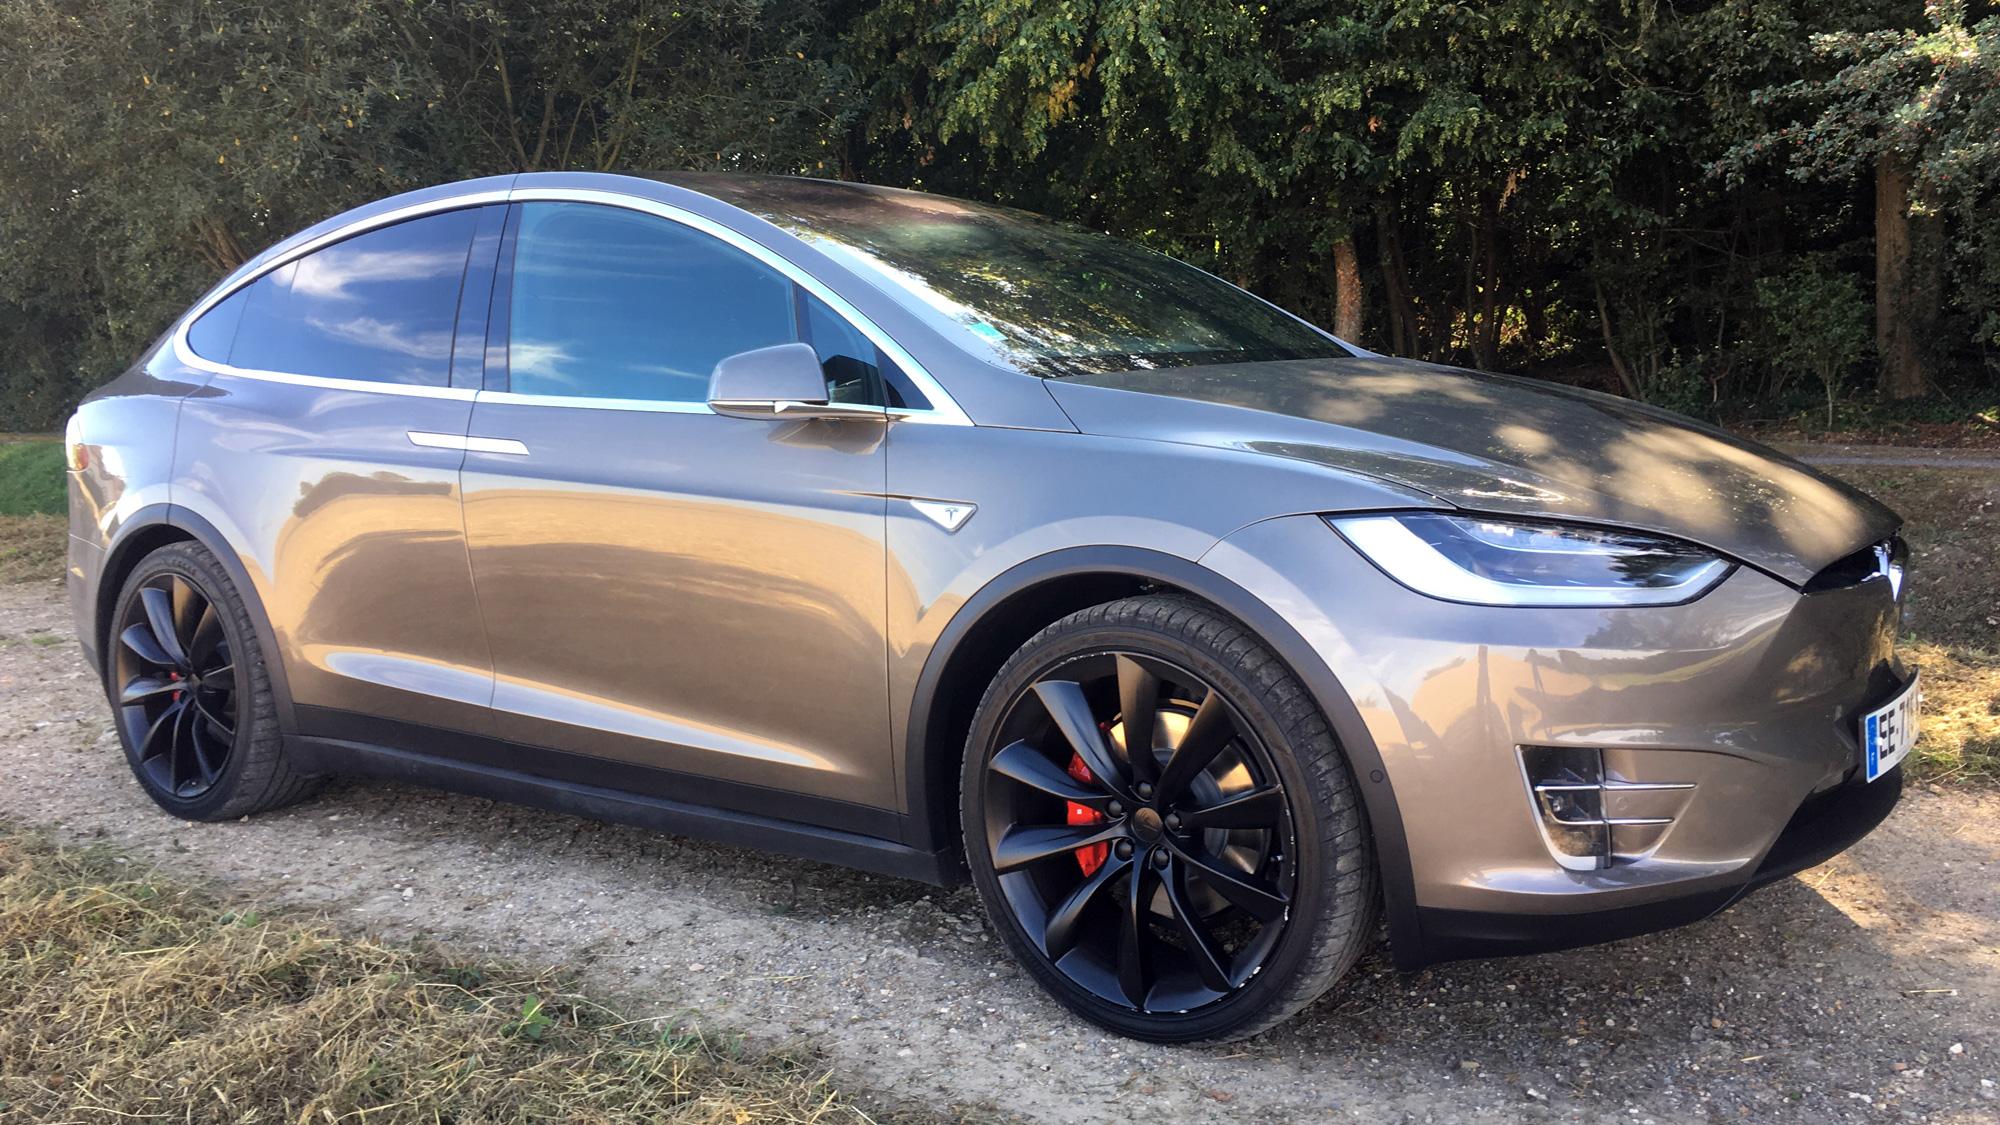 Tests Solidité Model Premiers La X Crash Prouvent De Tesla Les Sa nO80Pwk